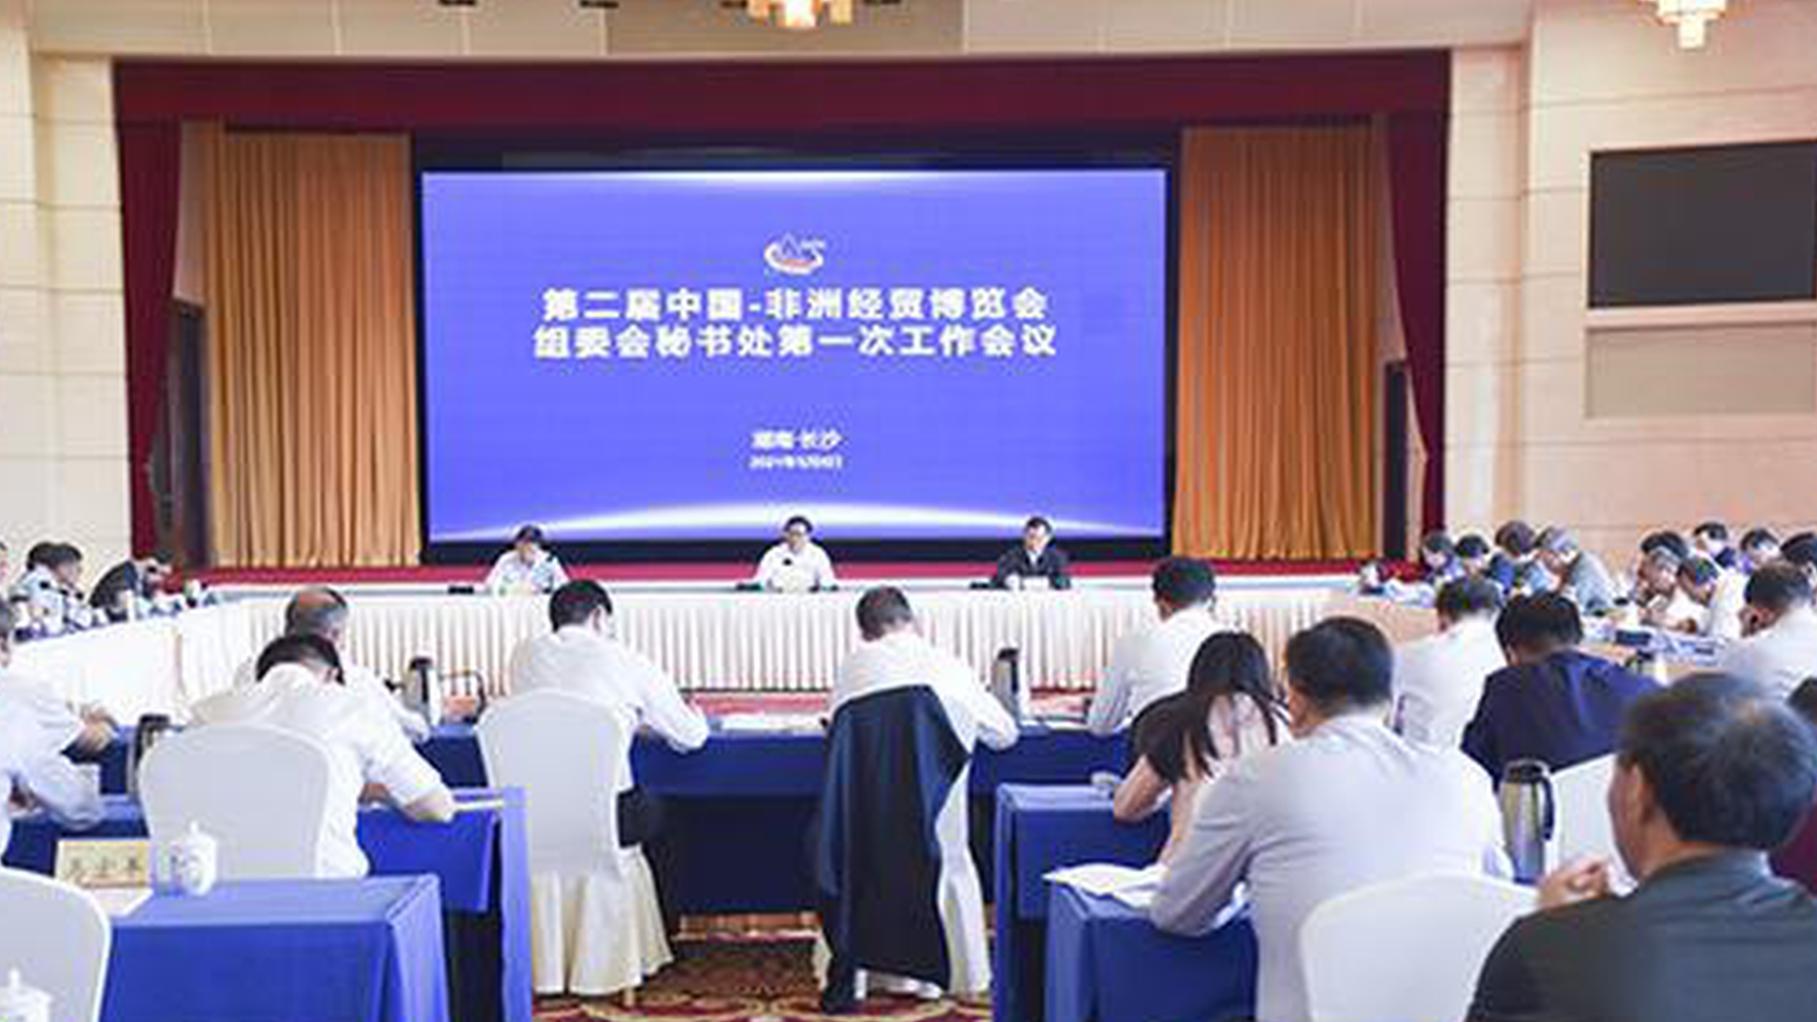 5月8日,第二届中国-非洲经贸博览会组委会秘书处第一次工作会议在长沙举行。